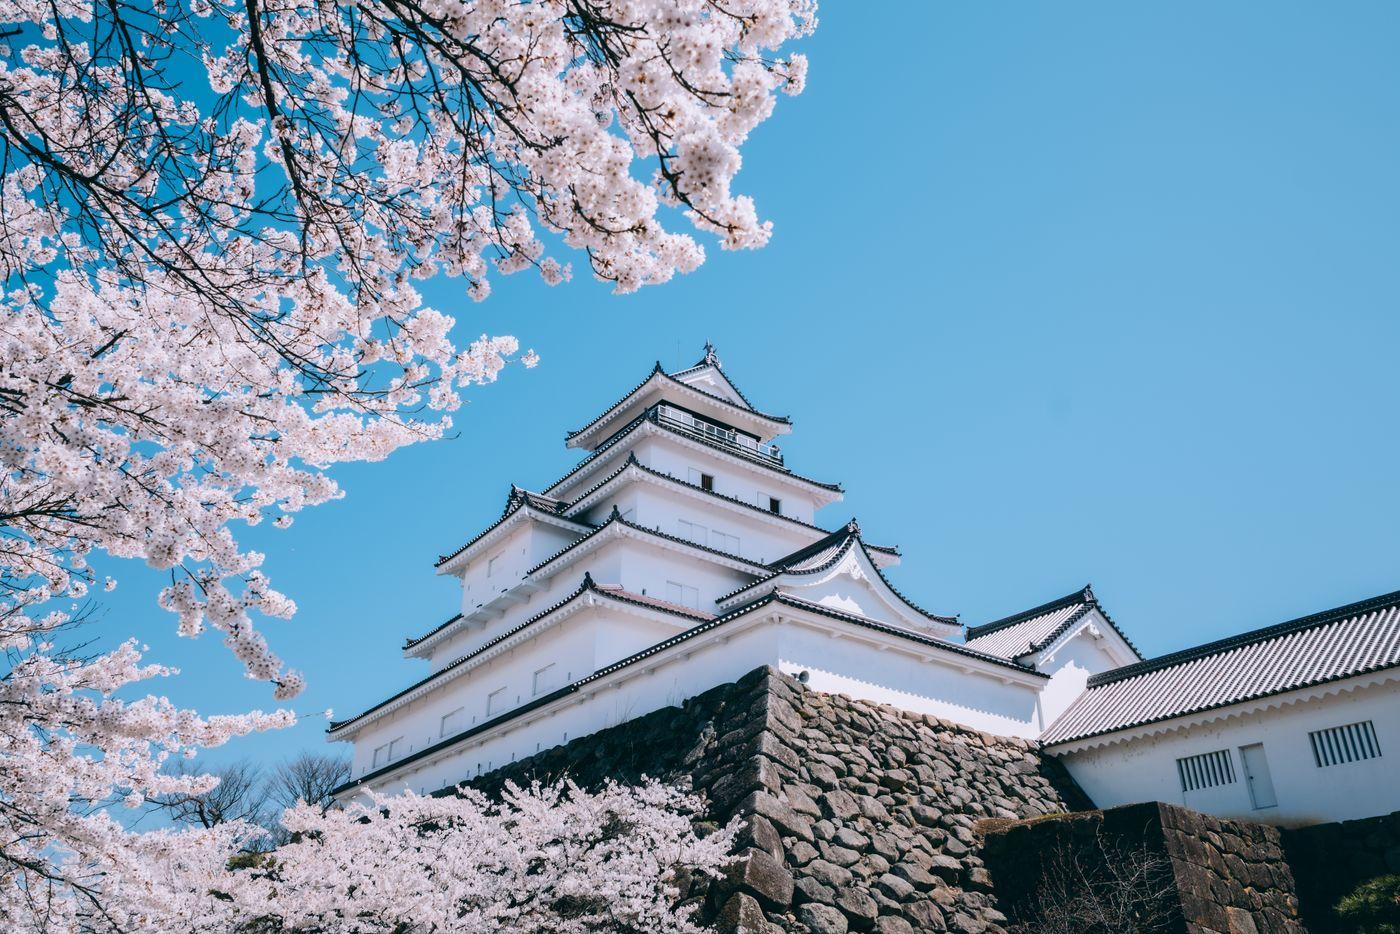 鶴ヶ城と桜の構図の写真